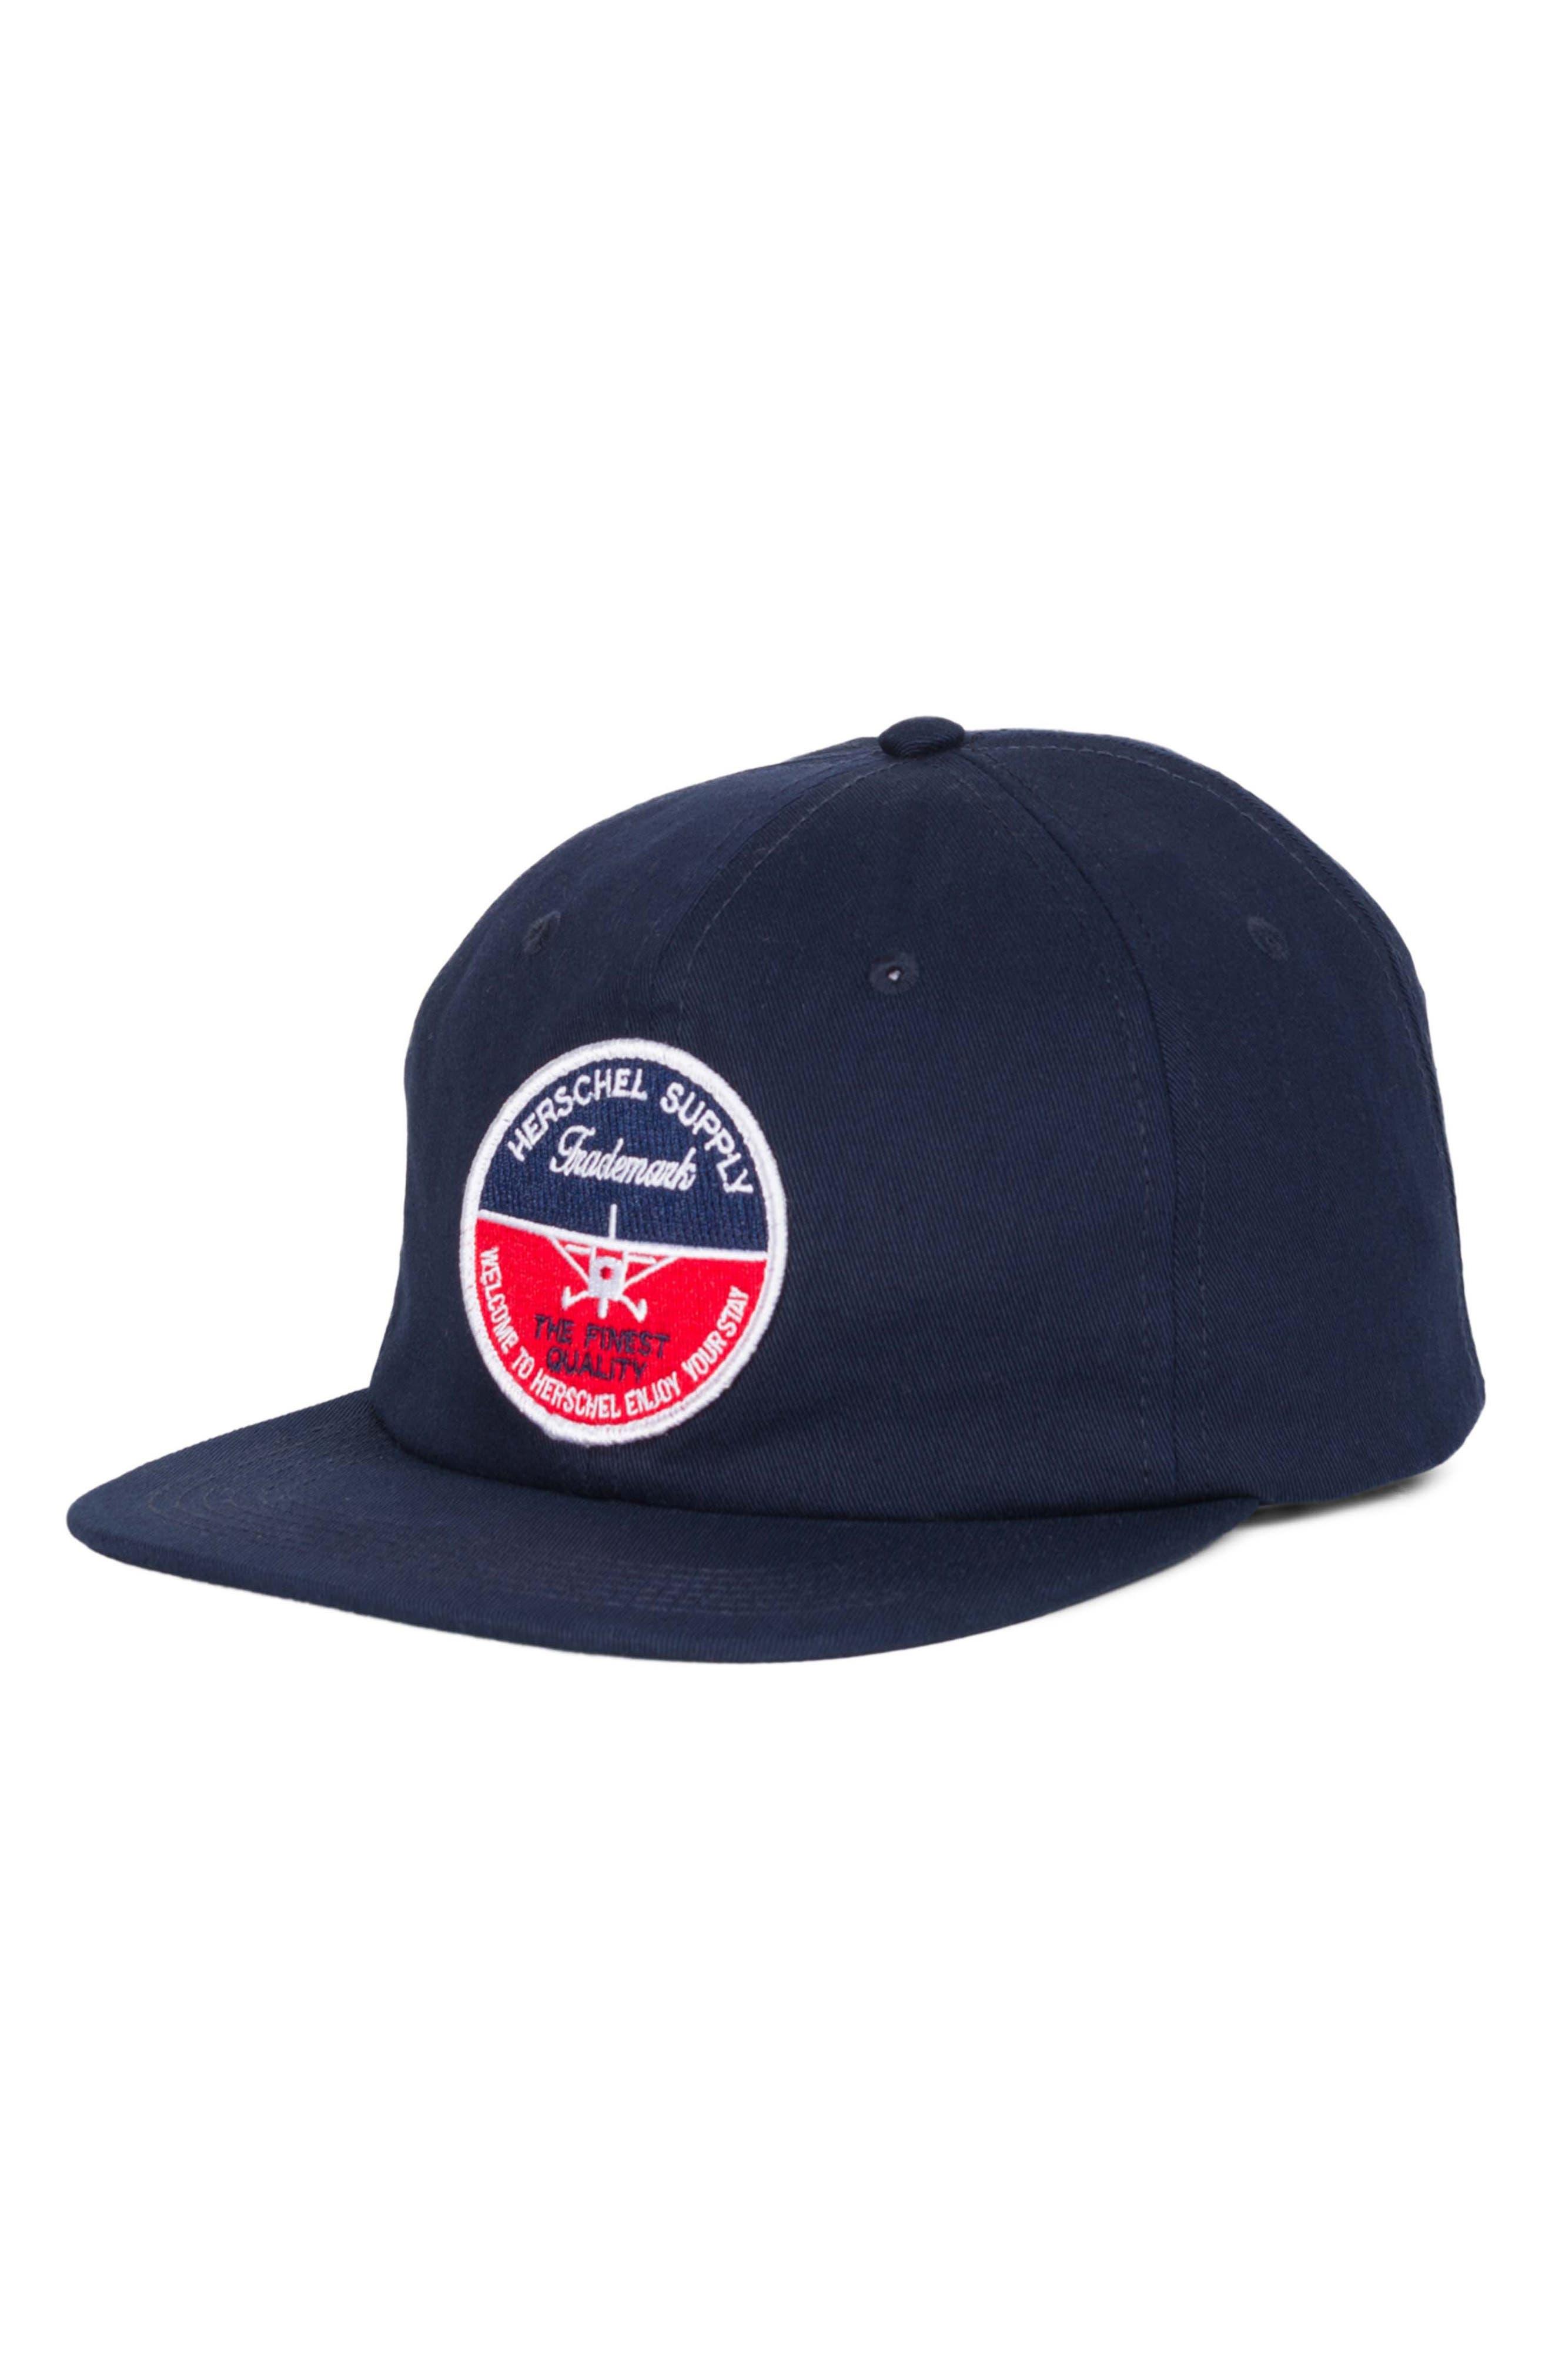 Herschel Supply Co. 172 Baseball Cap